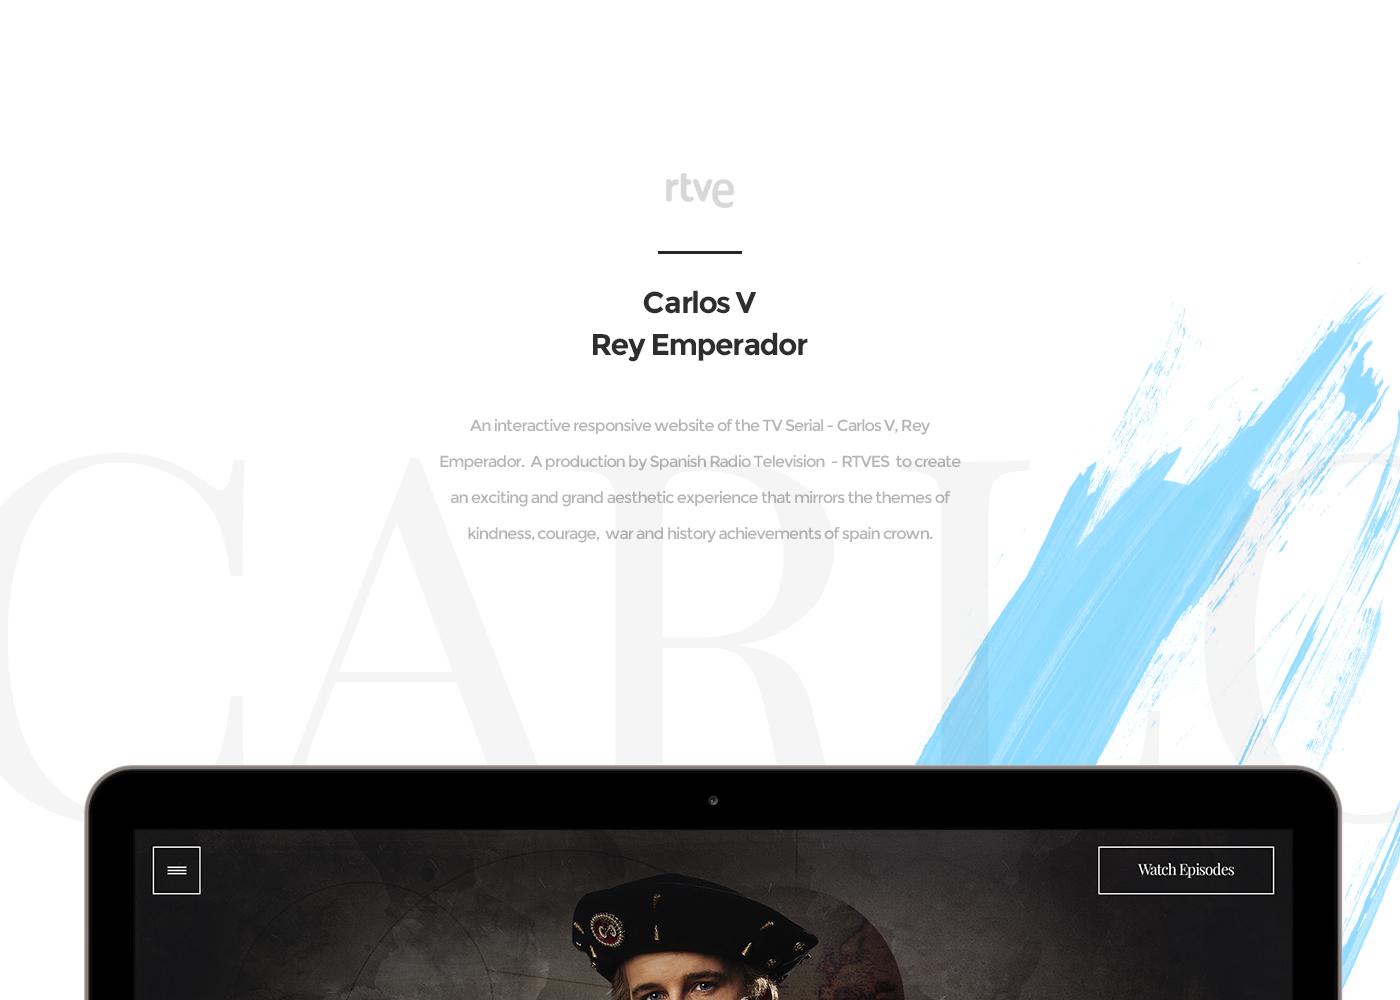 Carlos V - Rey Emperador on Behance